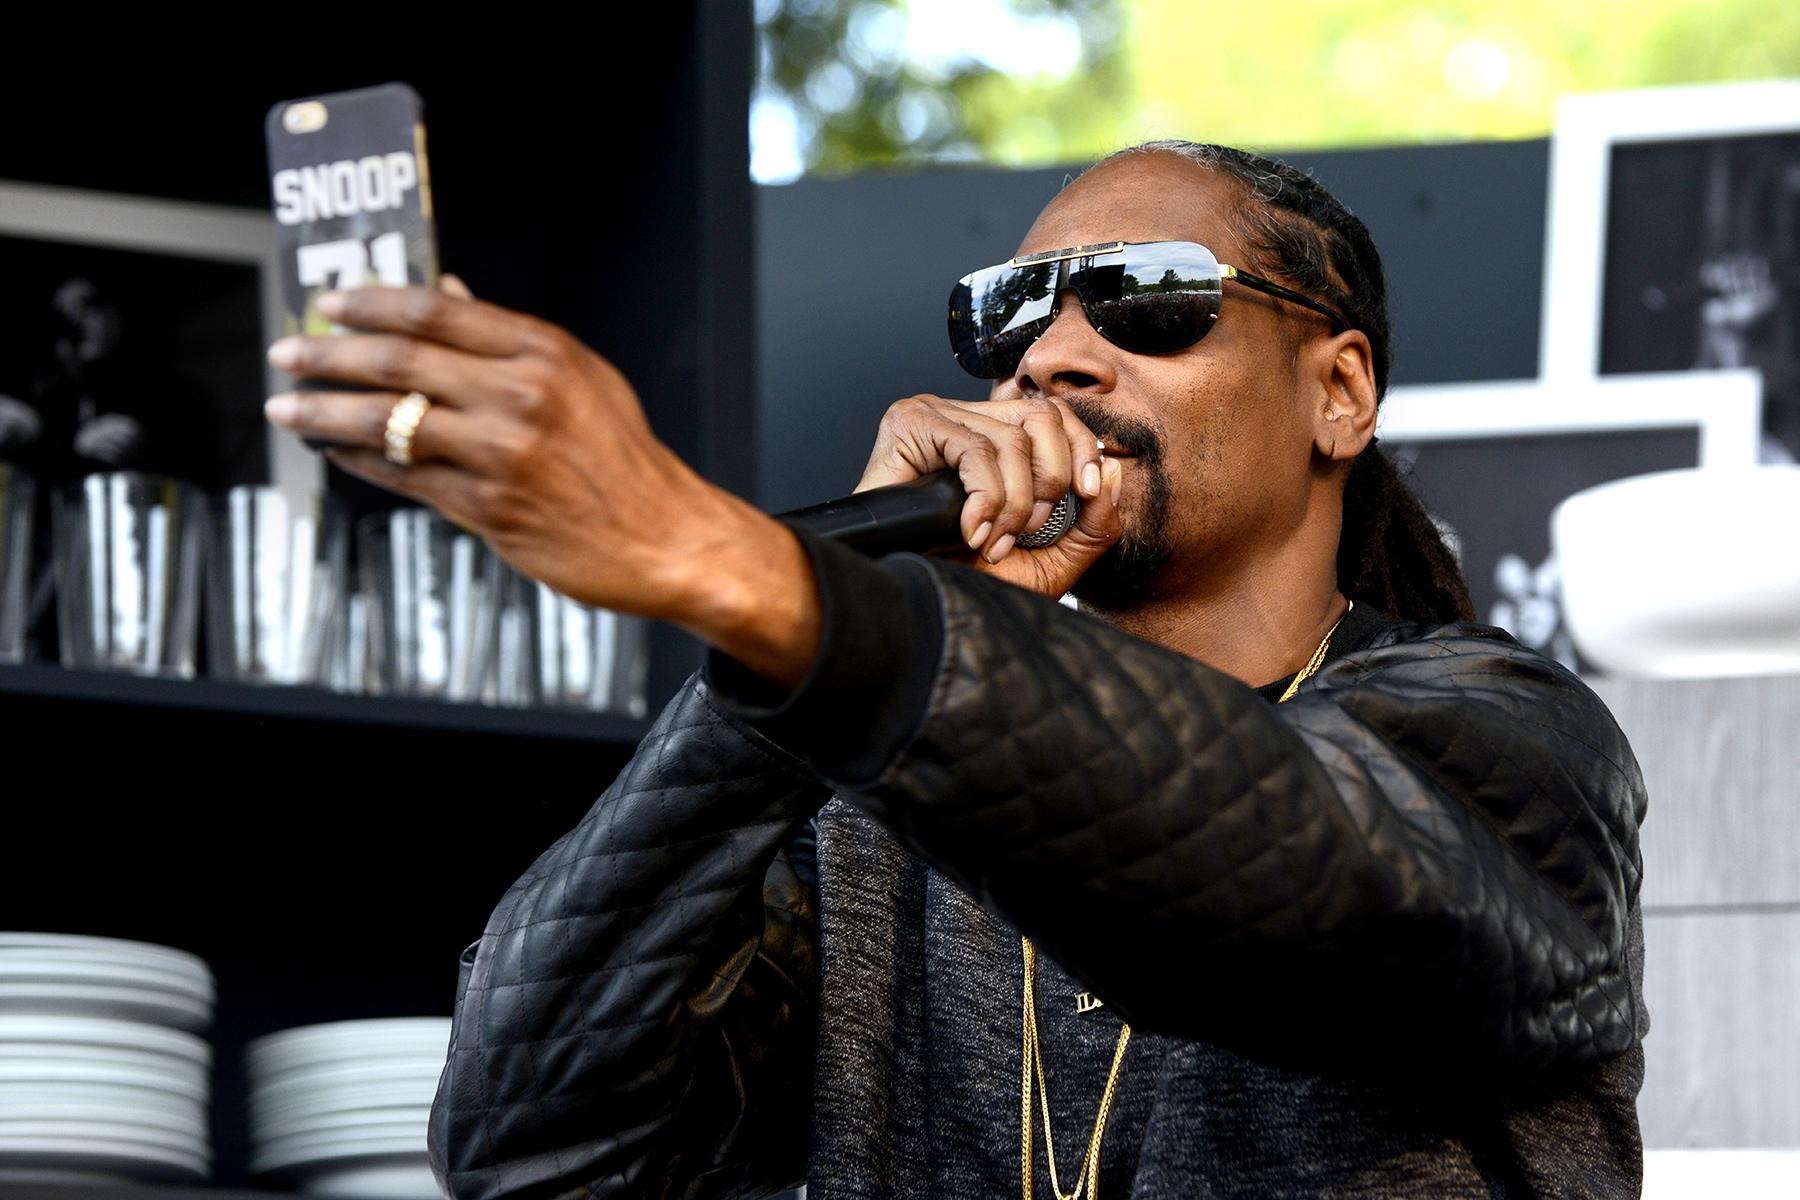 Empresa de Snoop Dogg investe em startup de tecnologia canábica